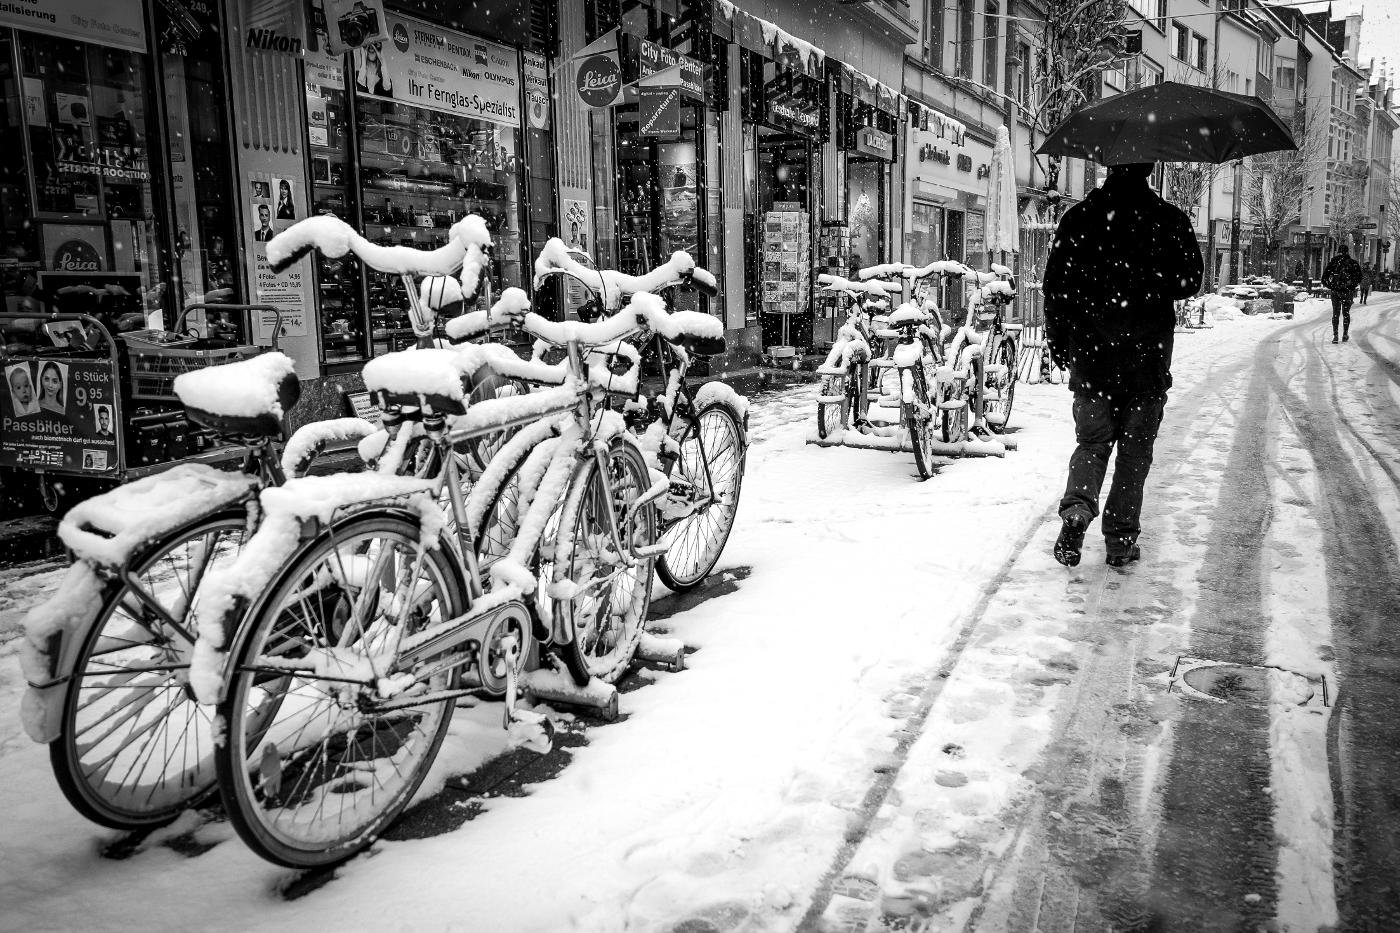 Schnee in der Stadt  © wolfgang röser | worobo